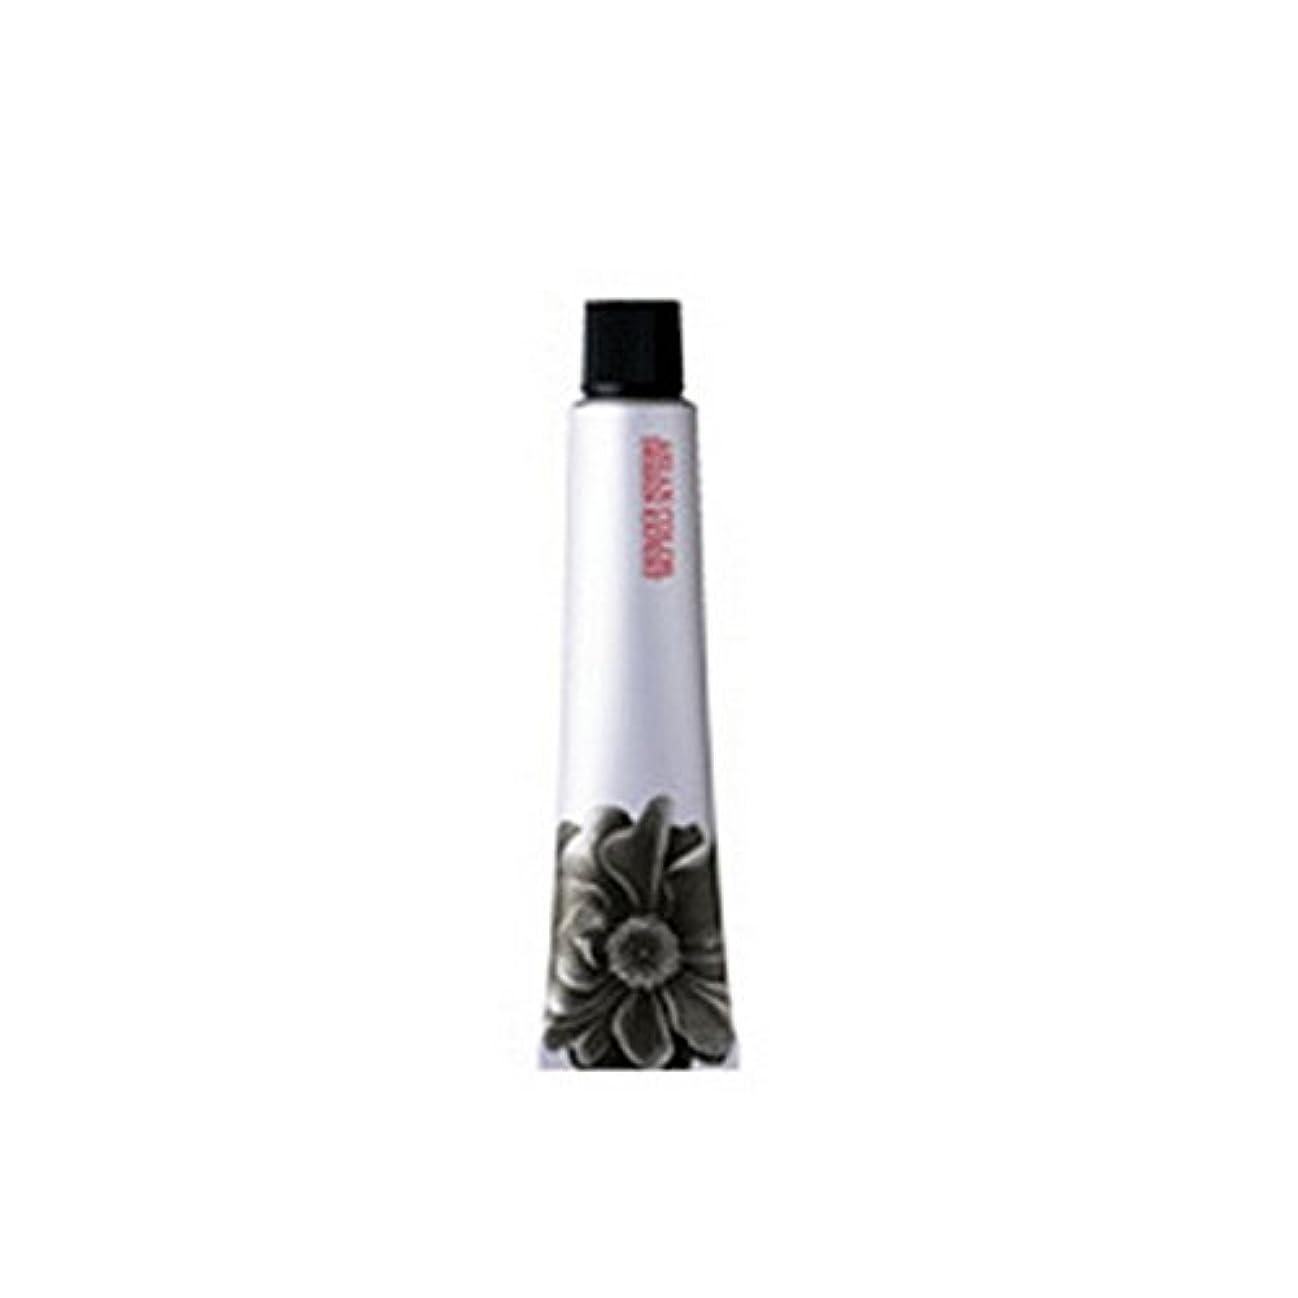 かける渇きマークアリミノ ariminoアジアンカラー アルカリタイプ85g 1剤【医薬部外品】【業務用】 MINT ASH ミントアッシュ 11